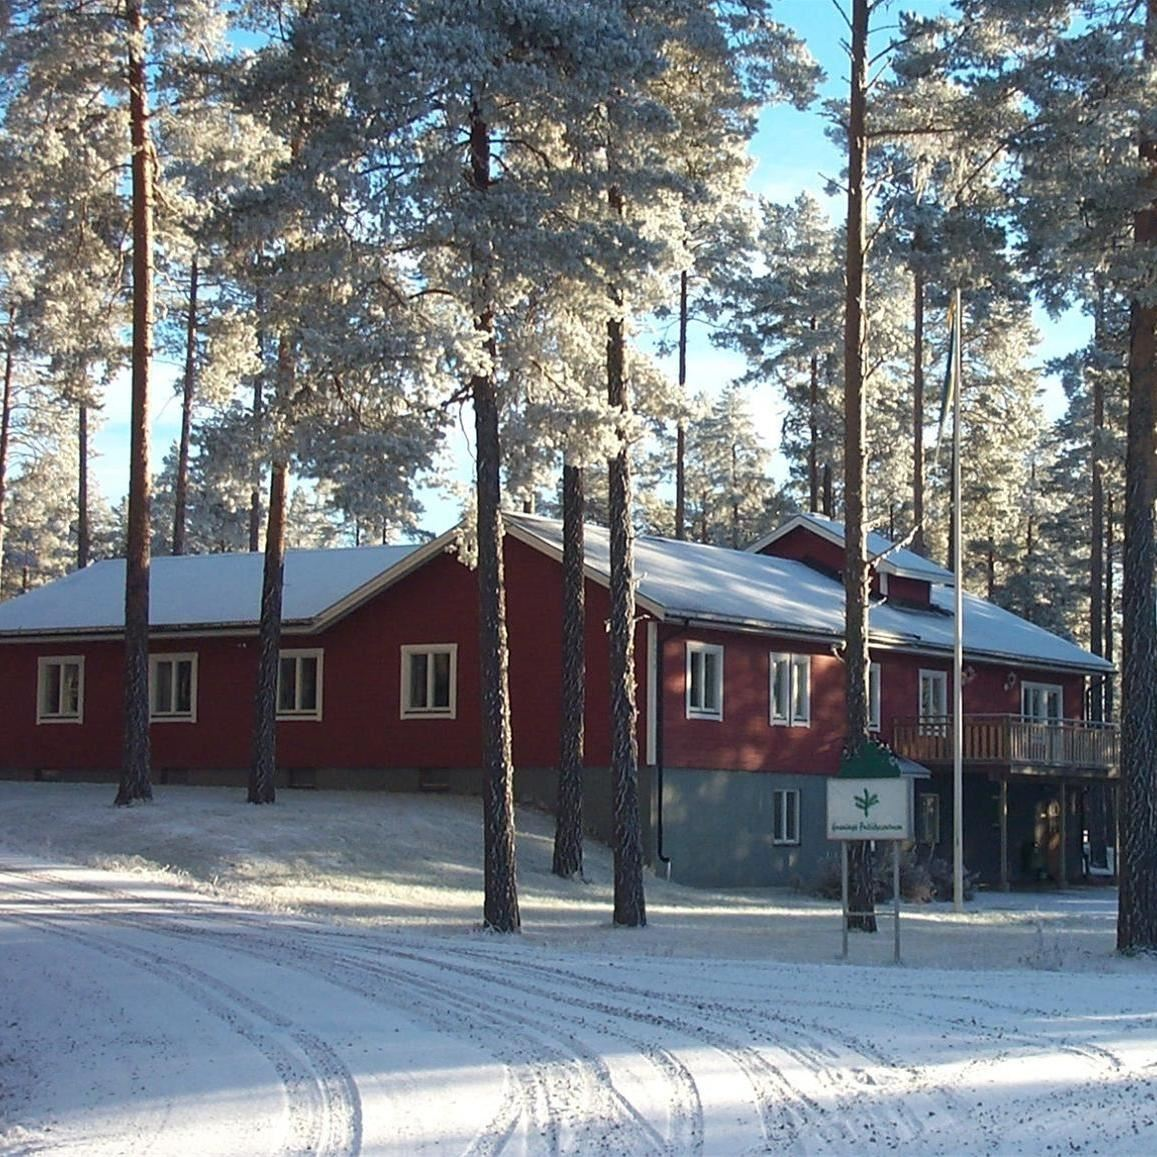 Foto: Inge Åberg, Graninge Fritidscentrum